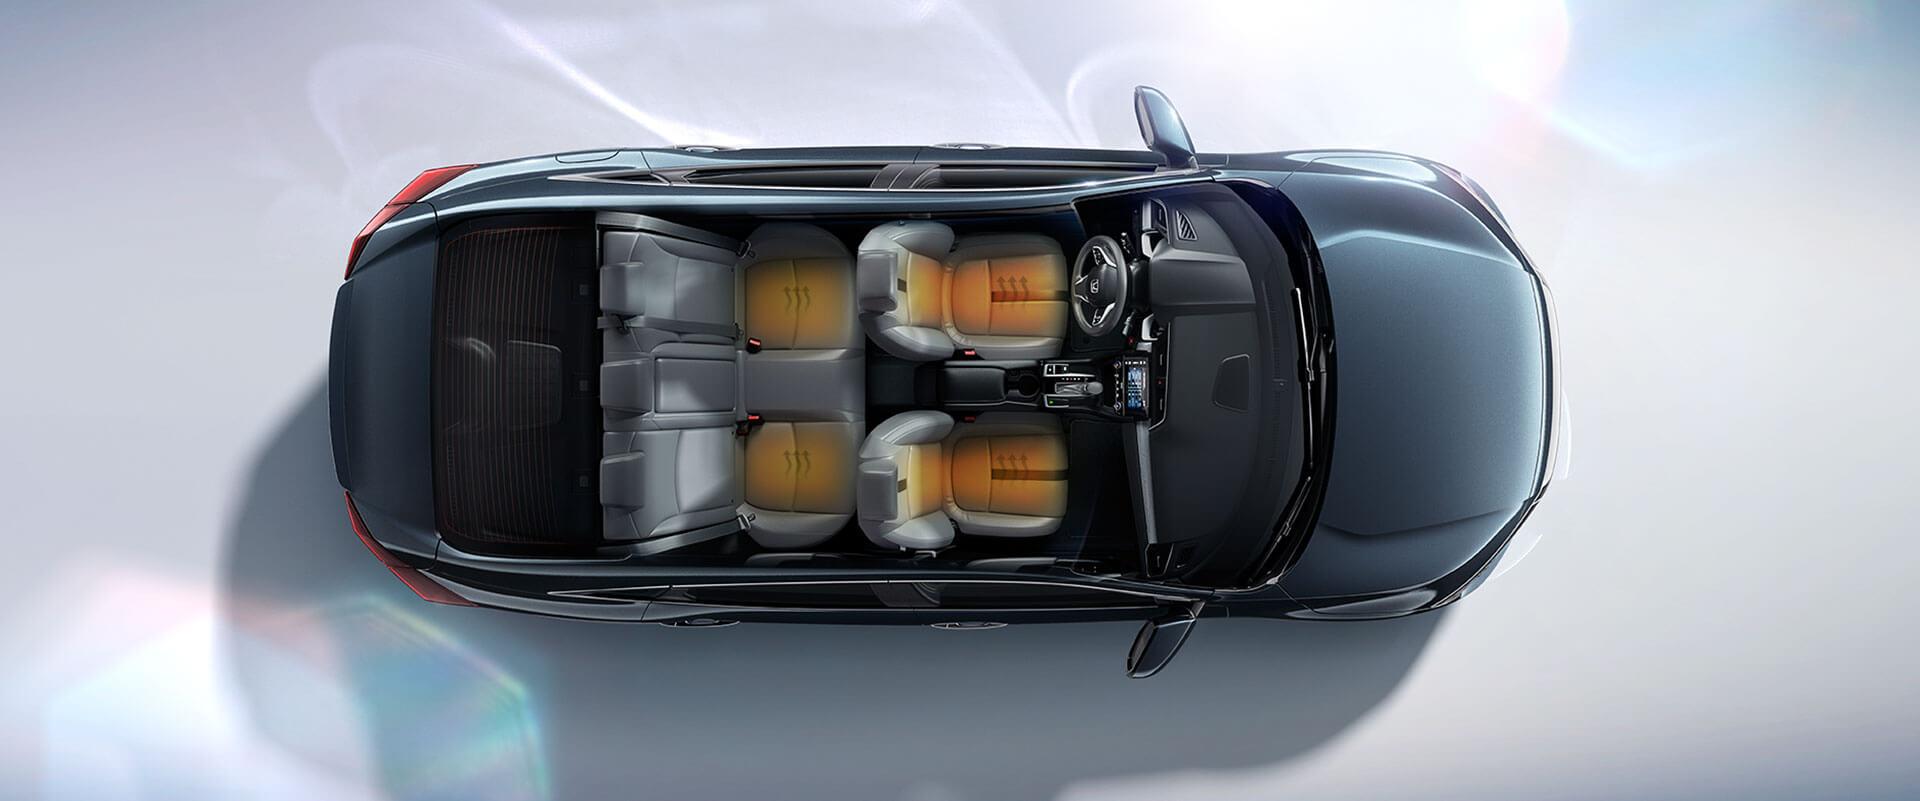 2016 Honda Civic Interior space